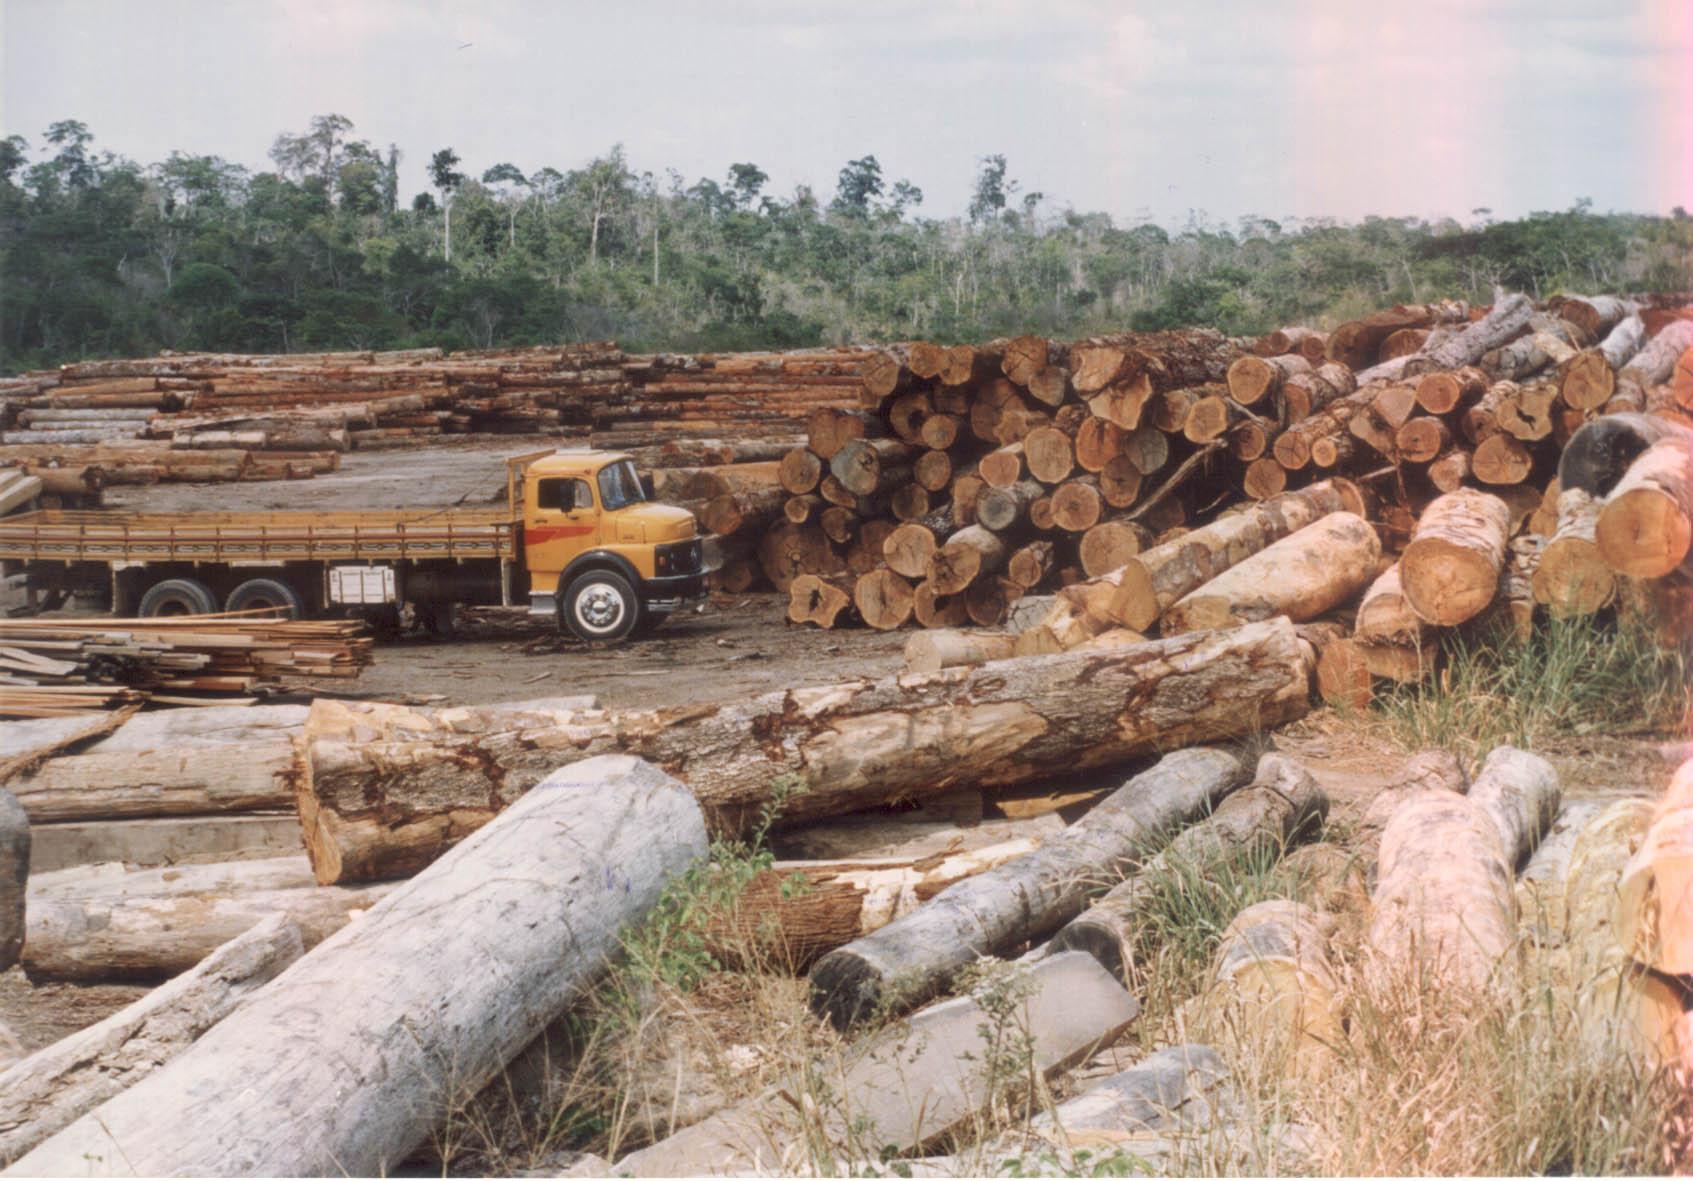 Fotos da amazonia antes do desmatamento 4